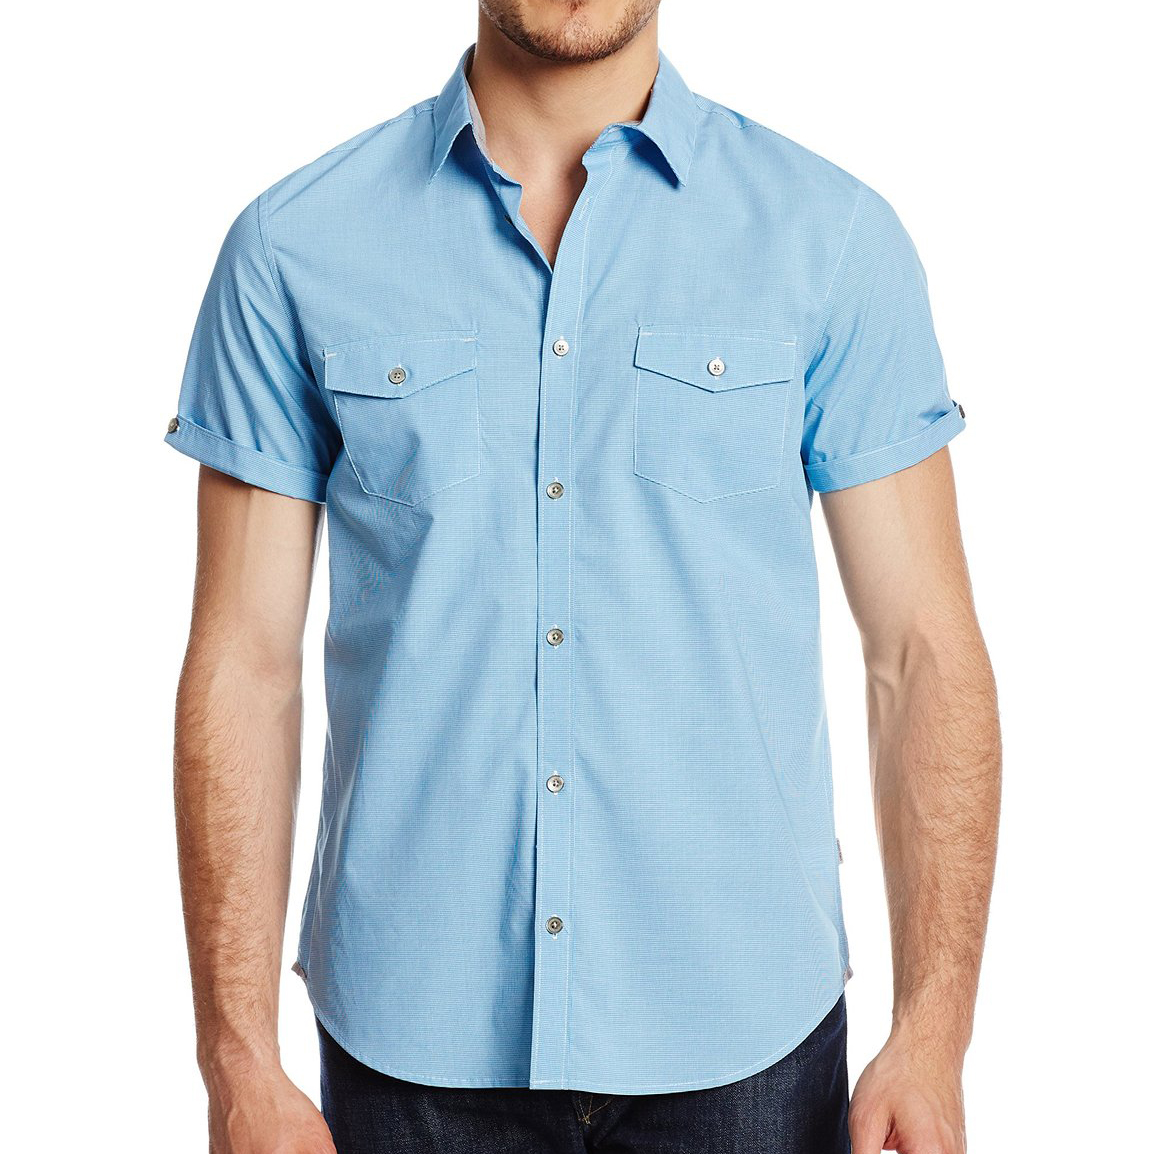 美國百分百【全新真品】Calvin Klein 襯衫 CK 男衣 短袖 藍色 格紋 休閒 襯衫 上衣 S M號 E199